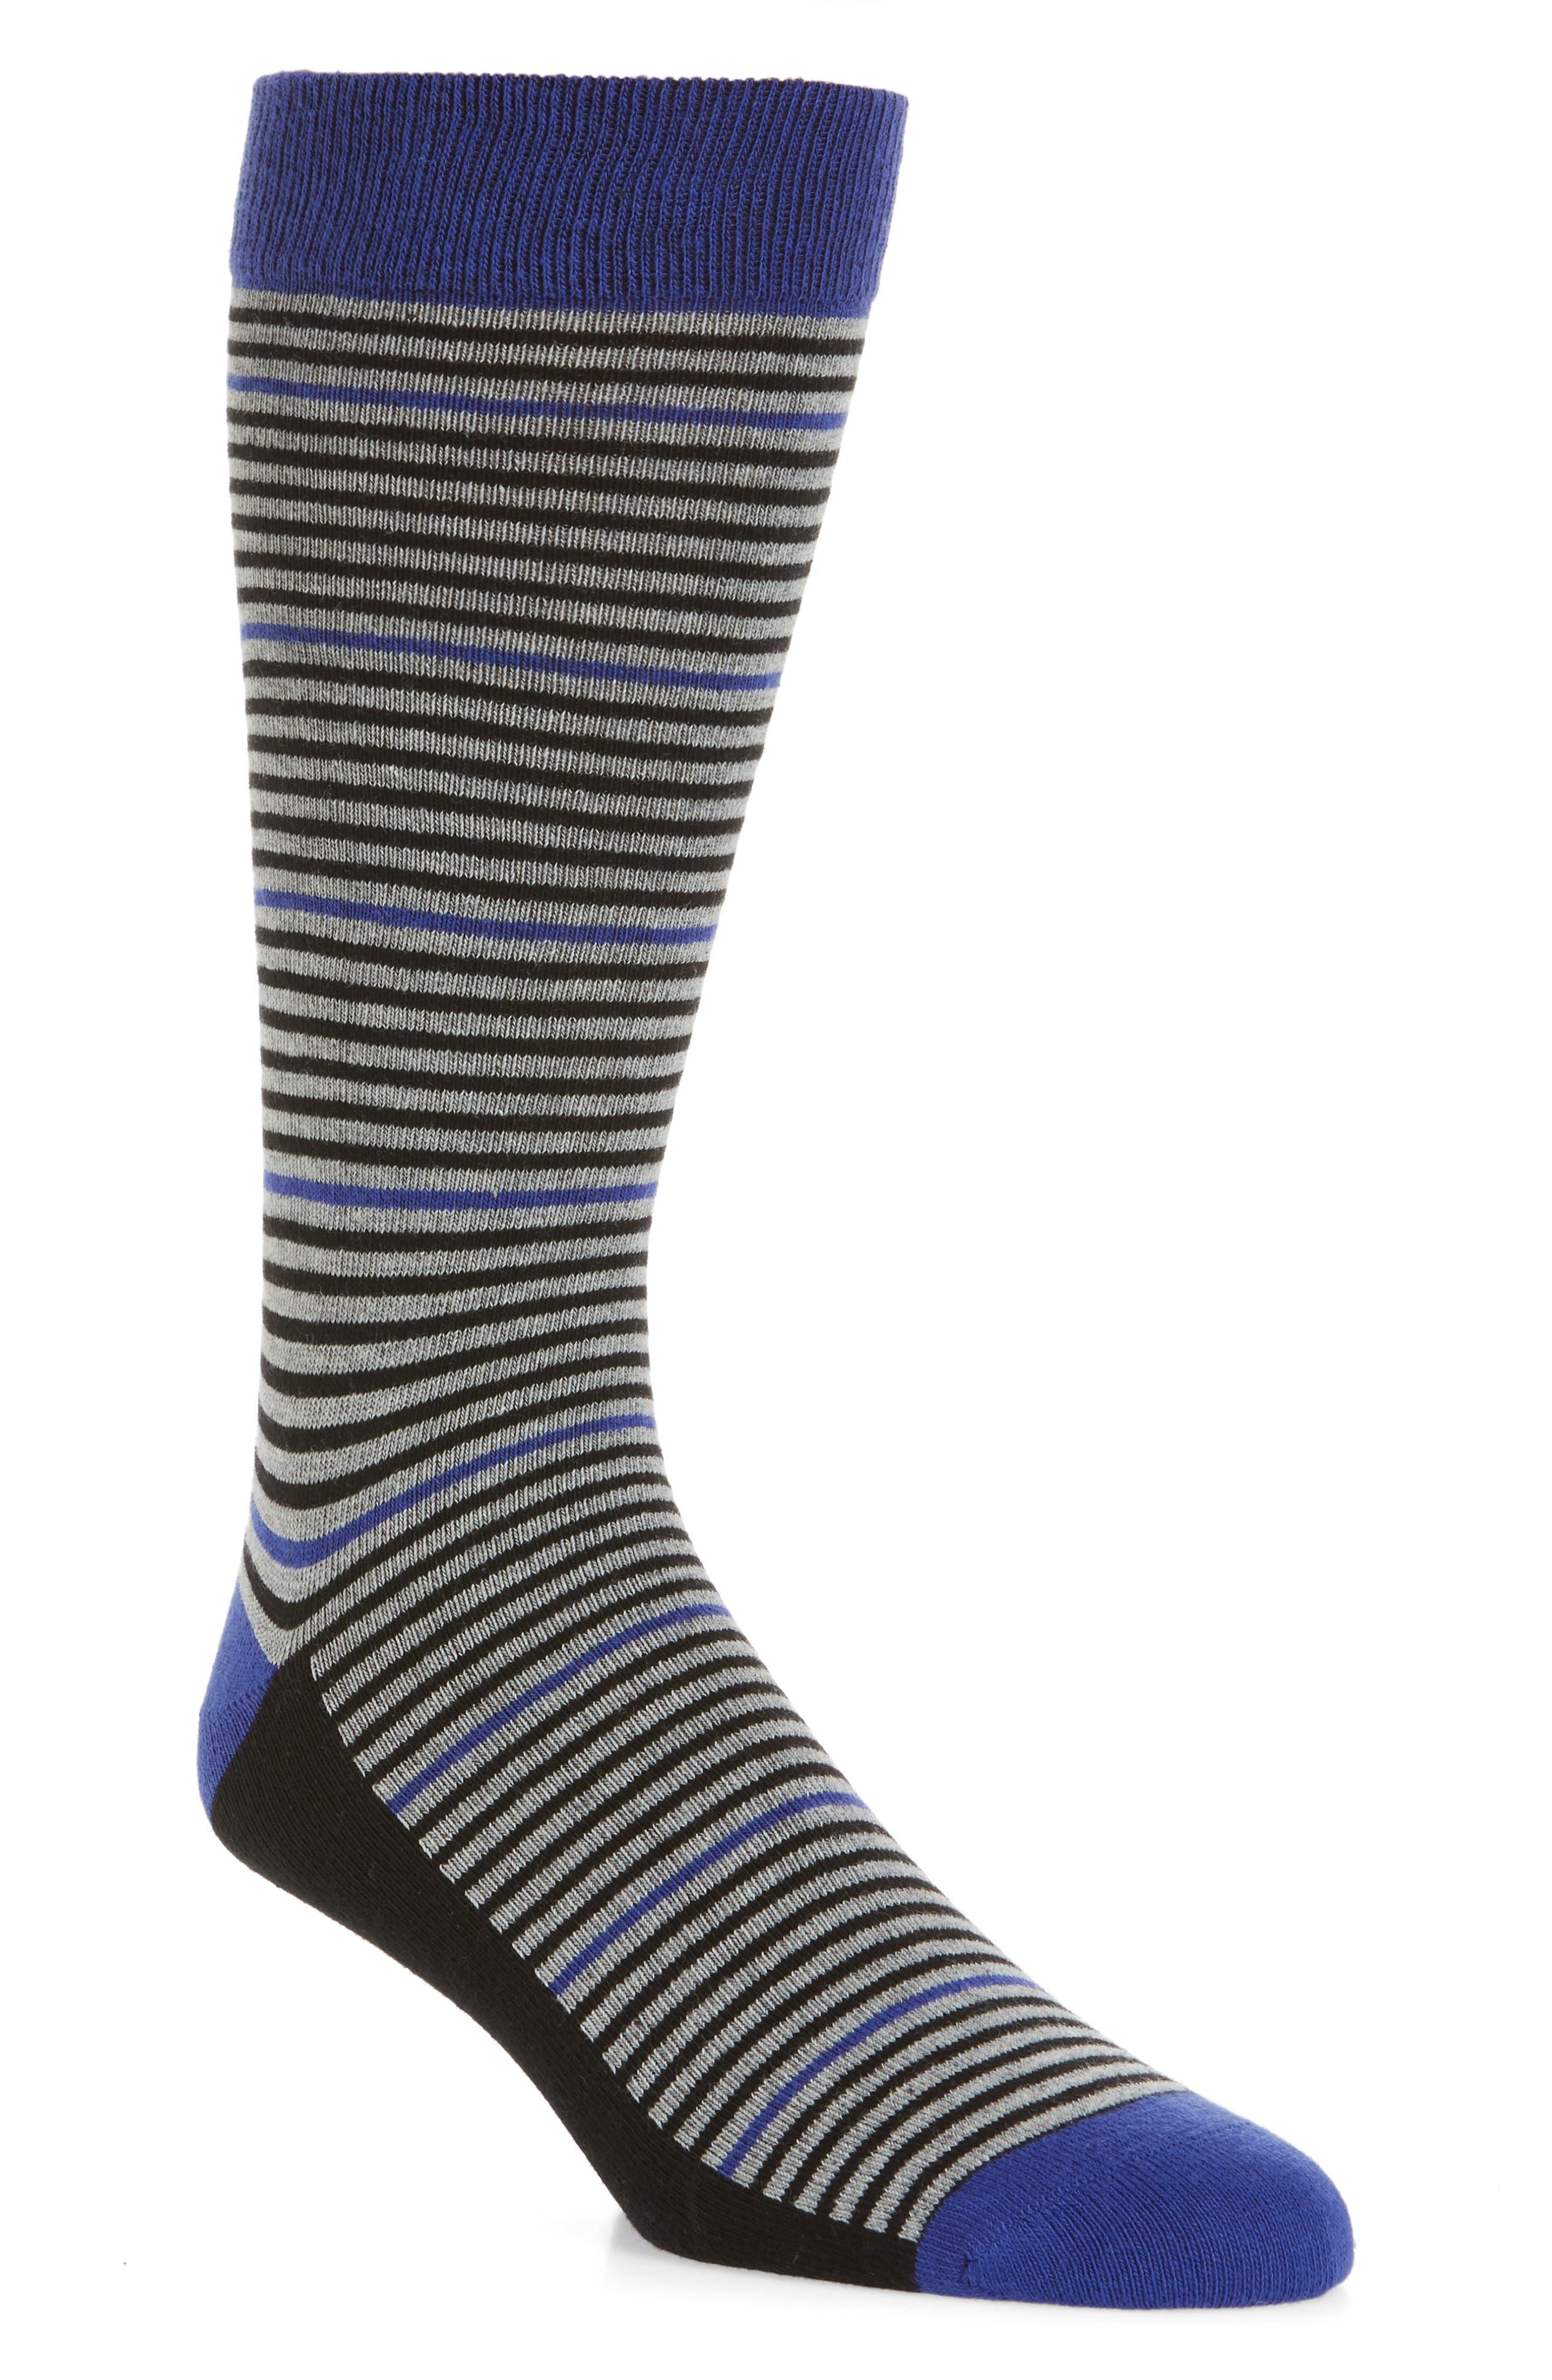 Ted Baker London Pinstripe Socks